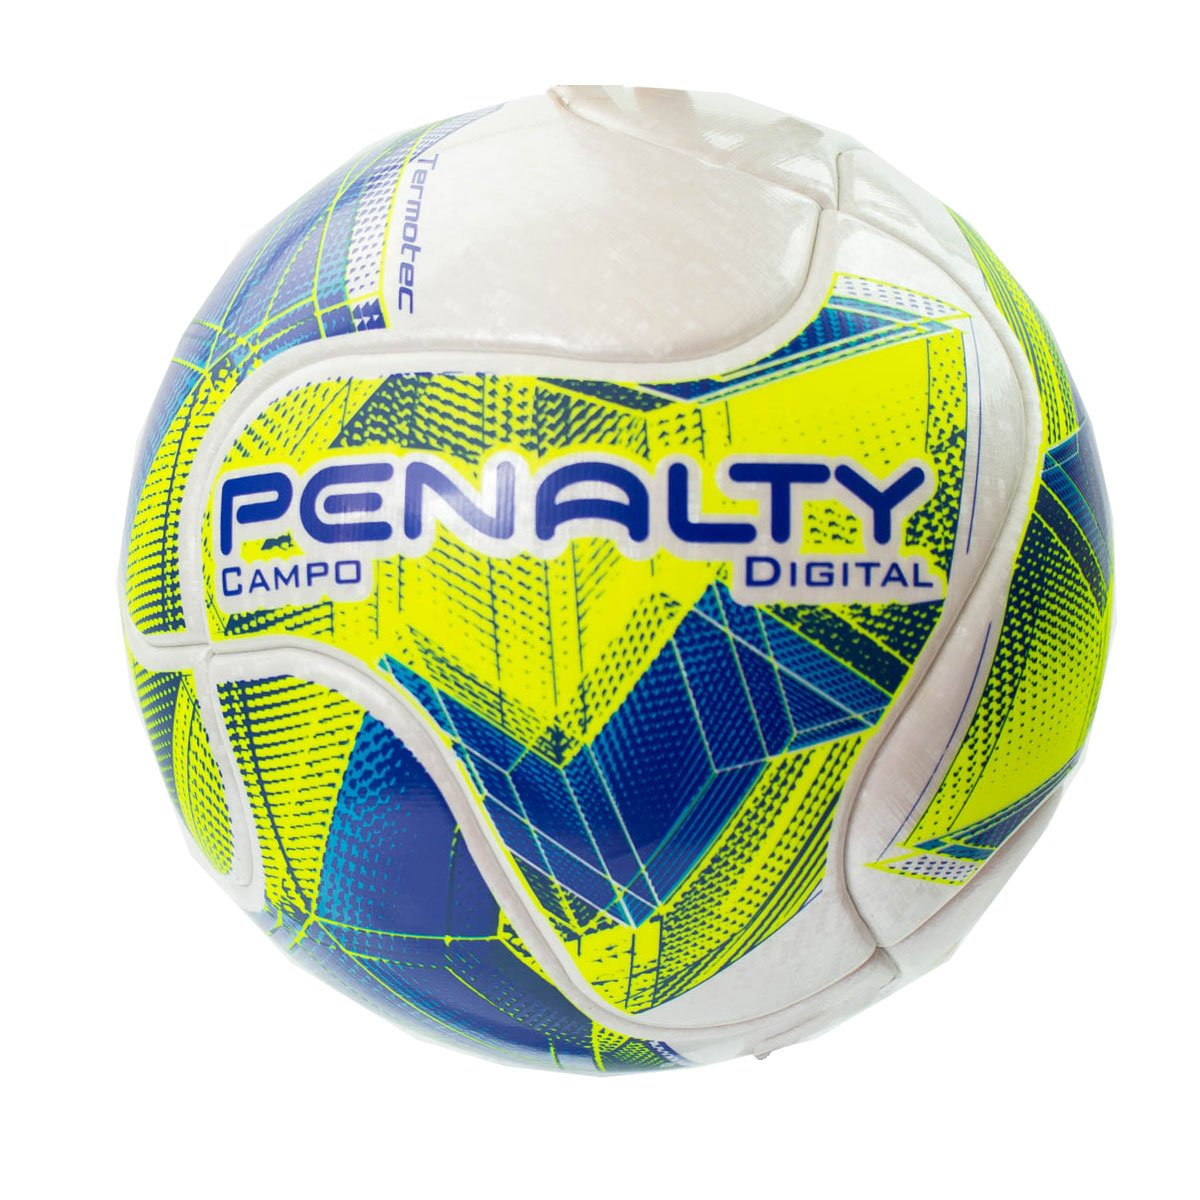 3862d4ba74 Imagem - Bola Futebol De Campo Penalty Digital - 056913